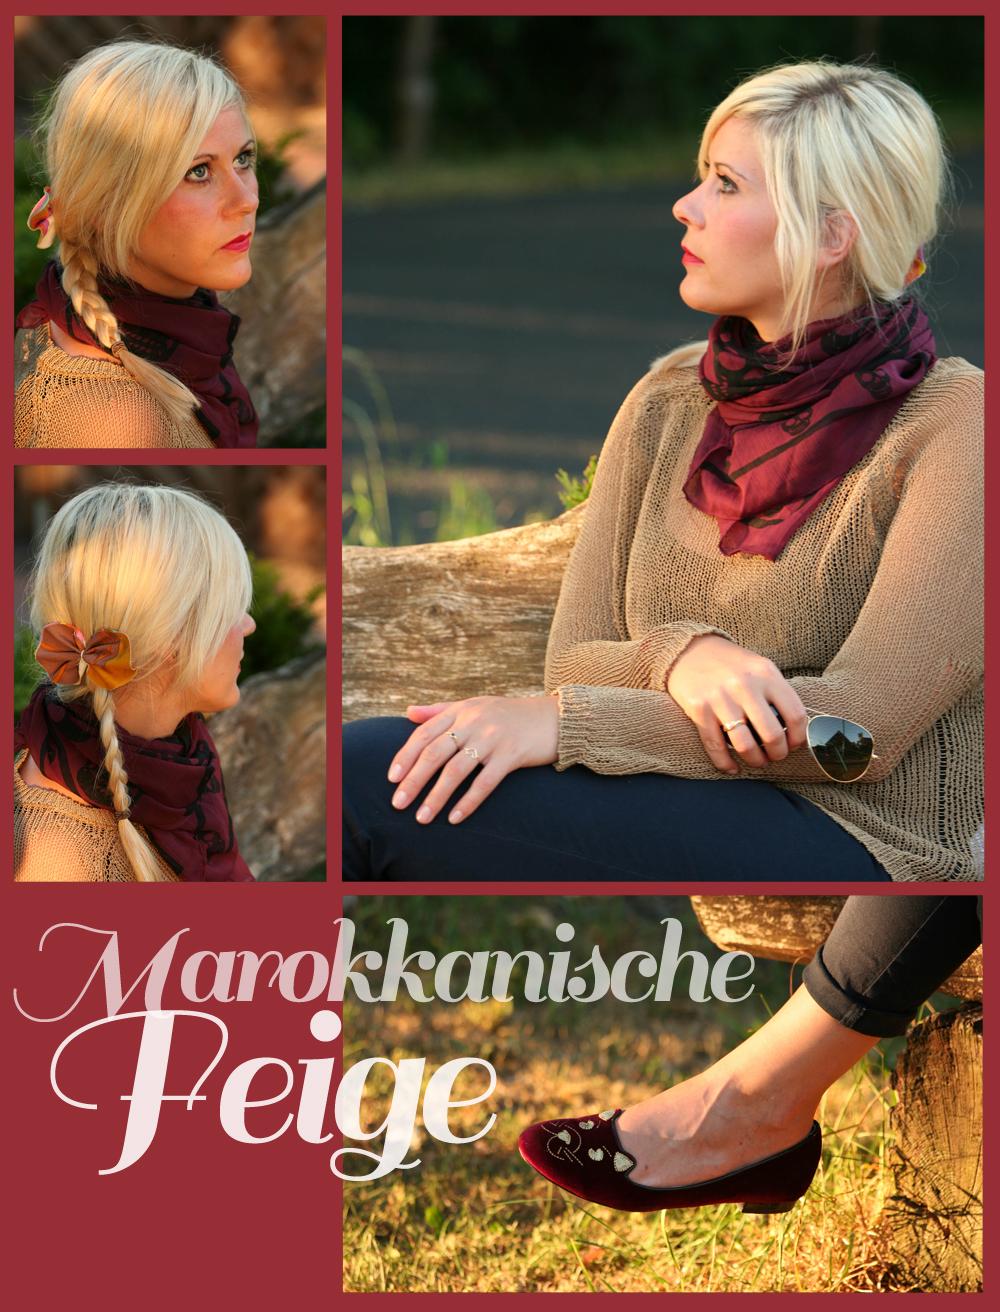 erdbeerwald_Feige_Outfit